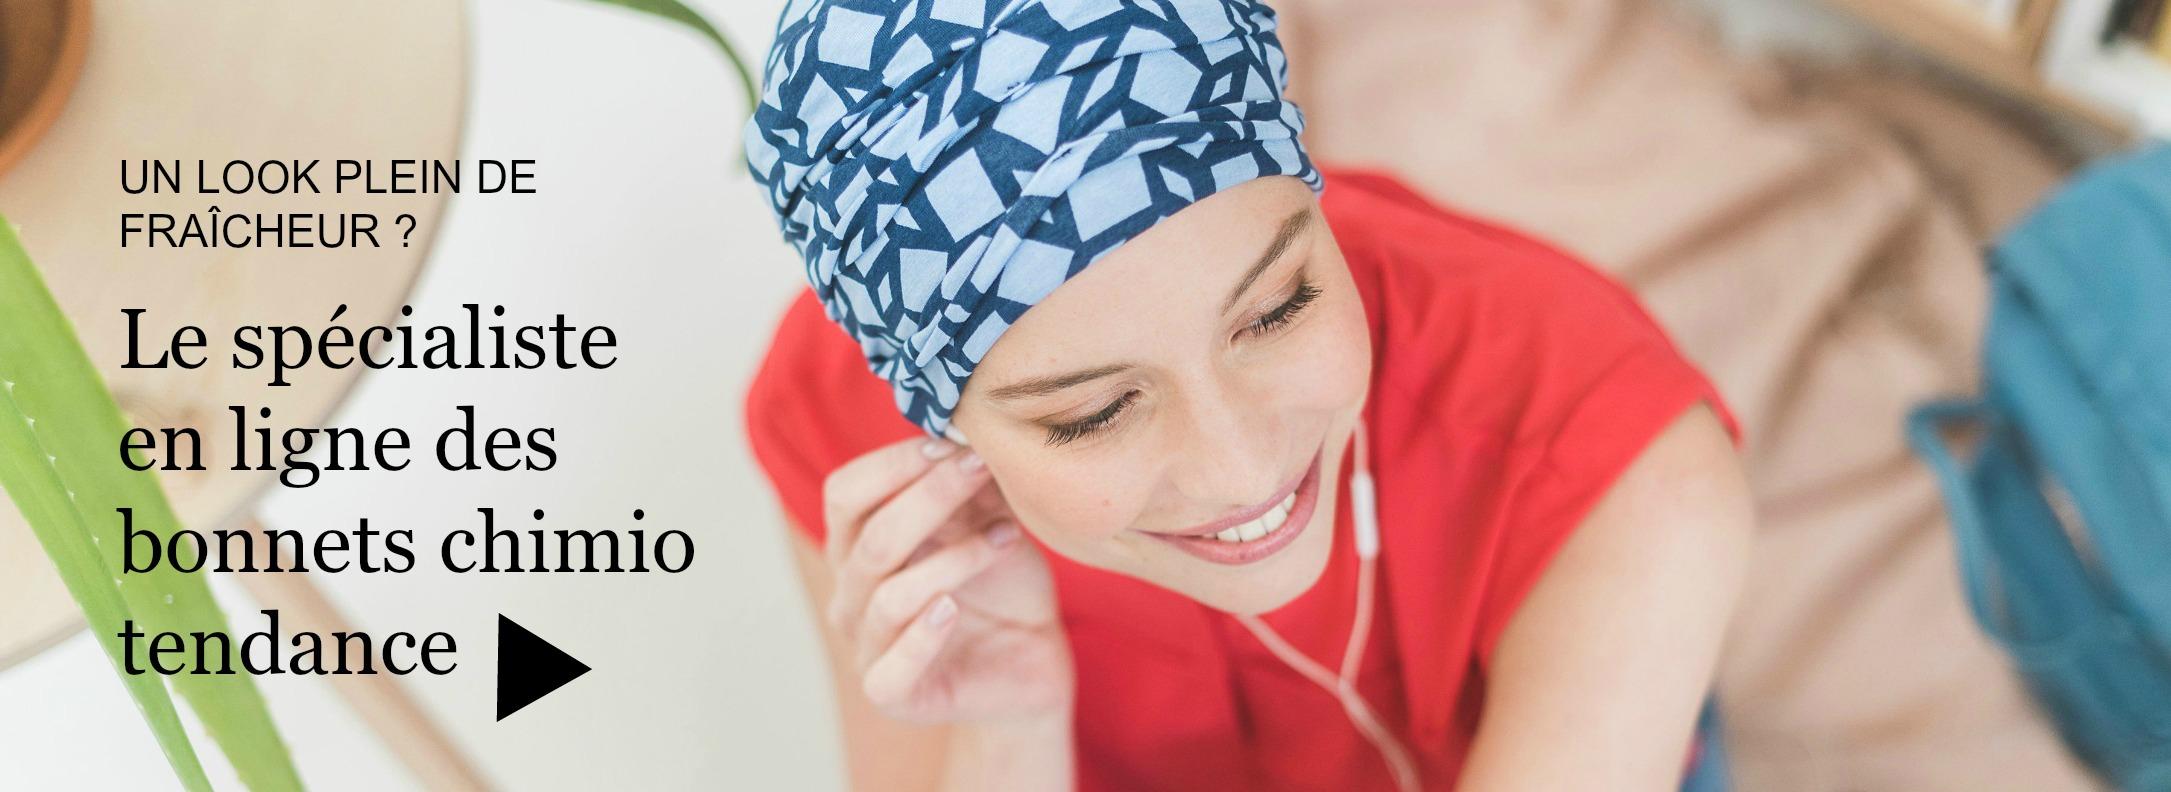 bonnets chimiothérapie